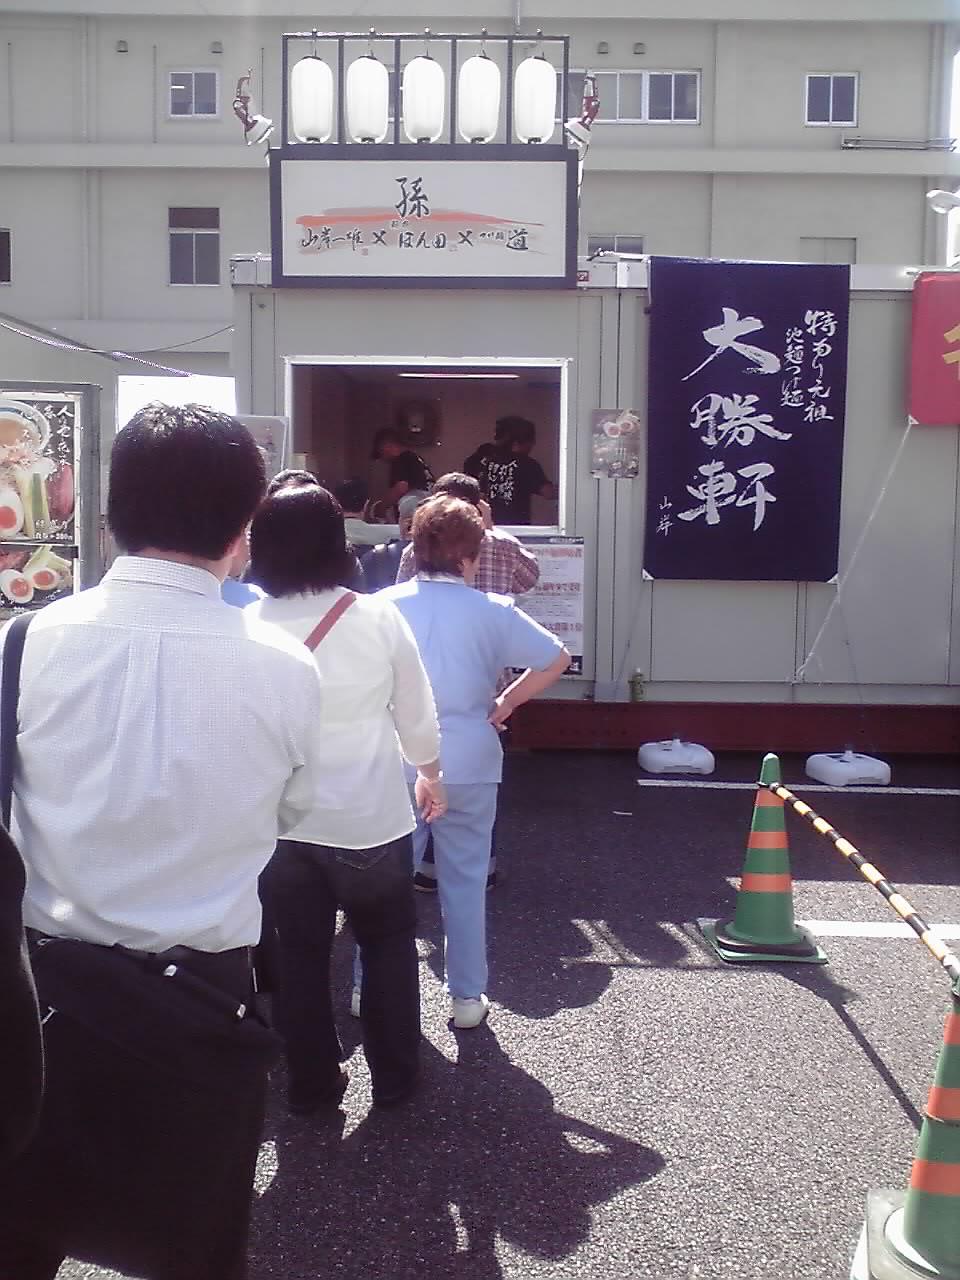 大 つけ麺 博に行って来ました---_e0173239_15333382.jpg